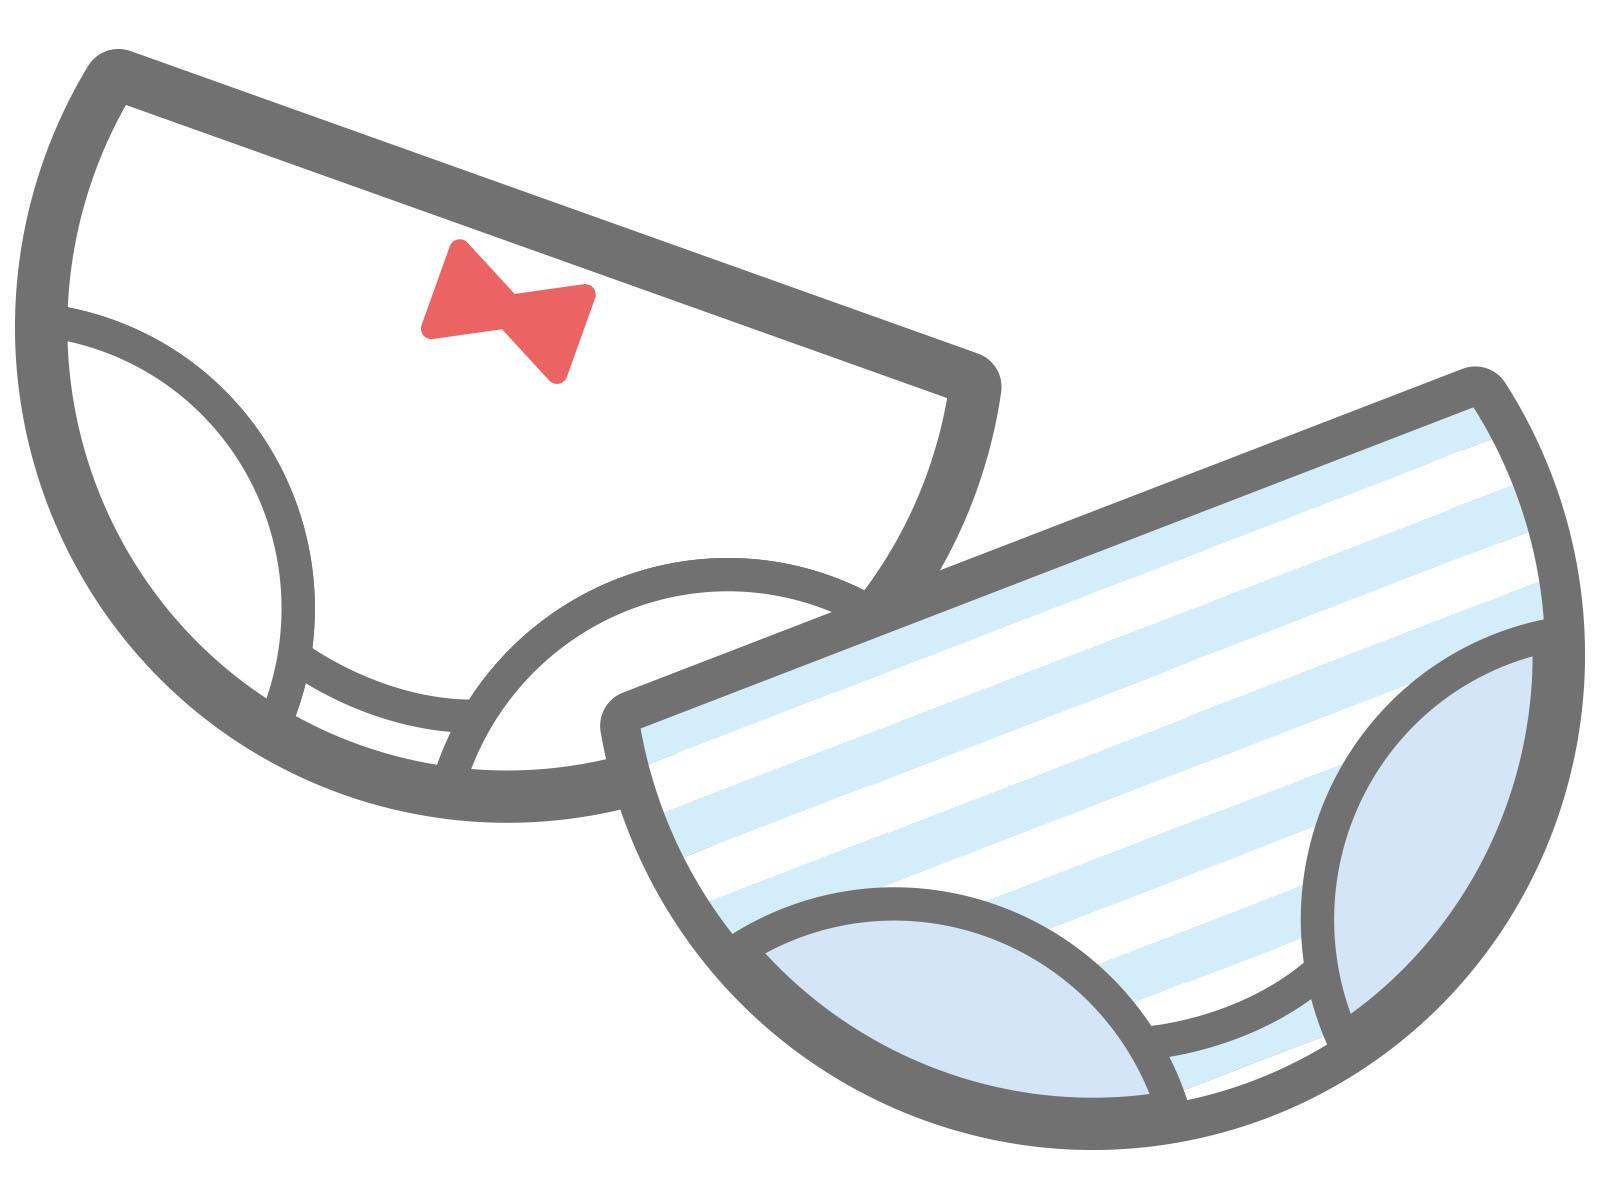 失禁で汚れた服を隠してしまう認知症の人の対応。蓋付きの容器を用意